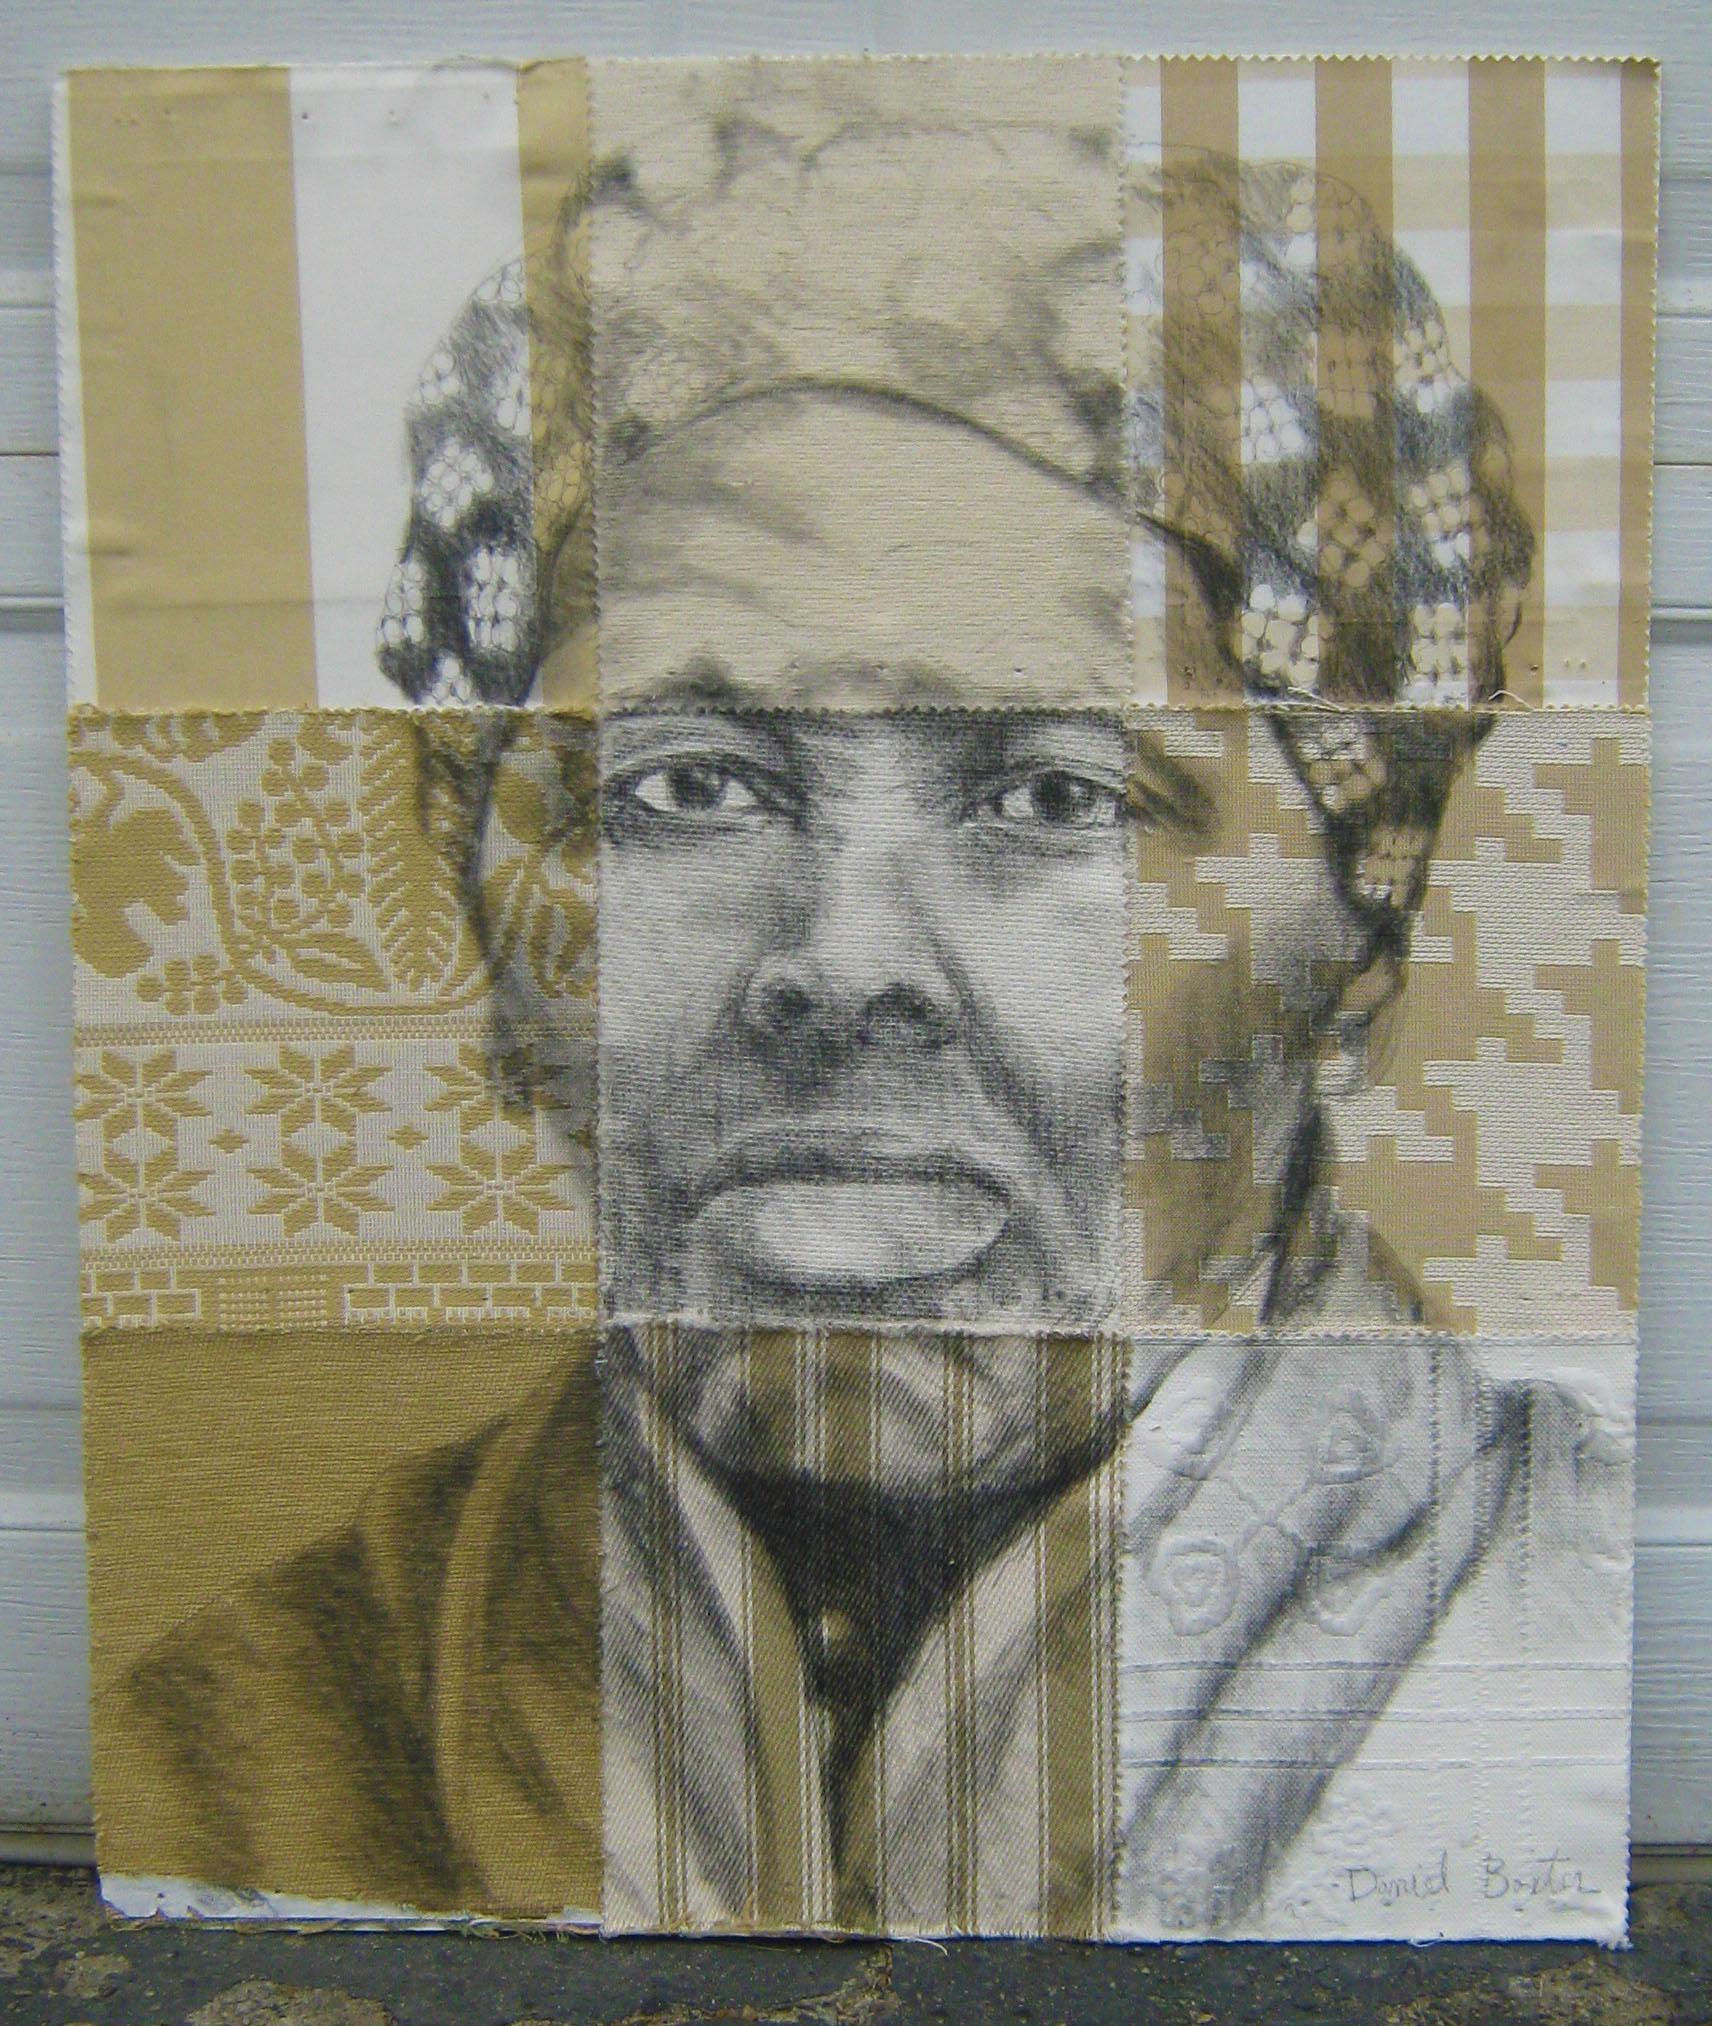 Harriet Tubman Portait photo 2.jpg